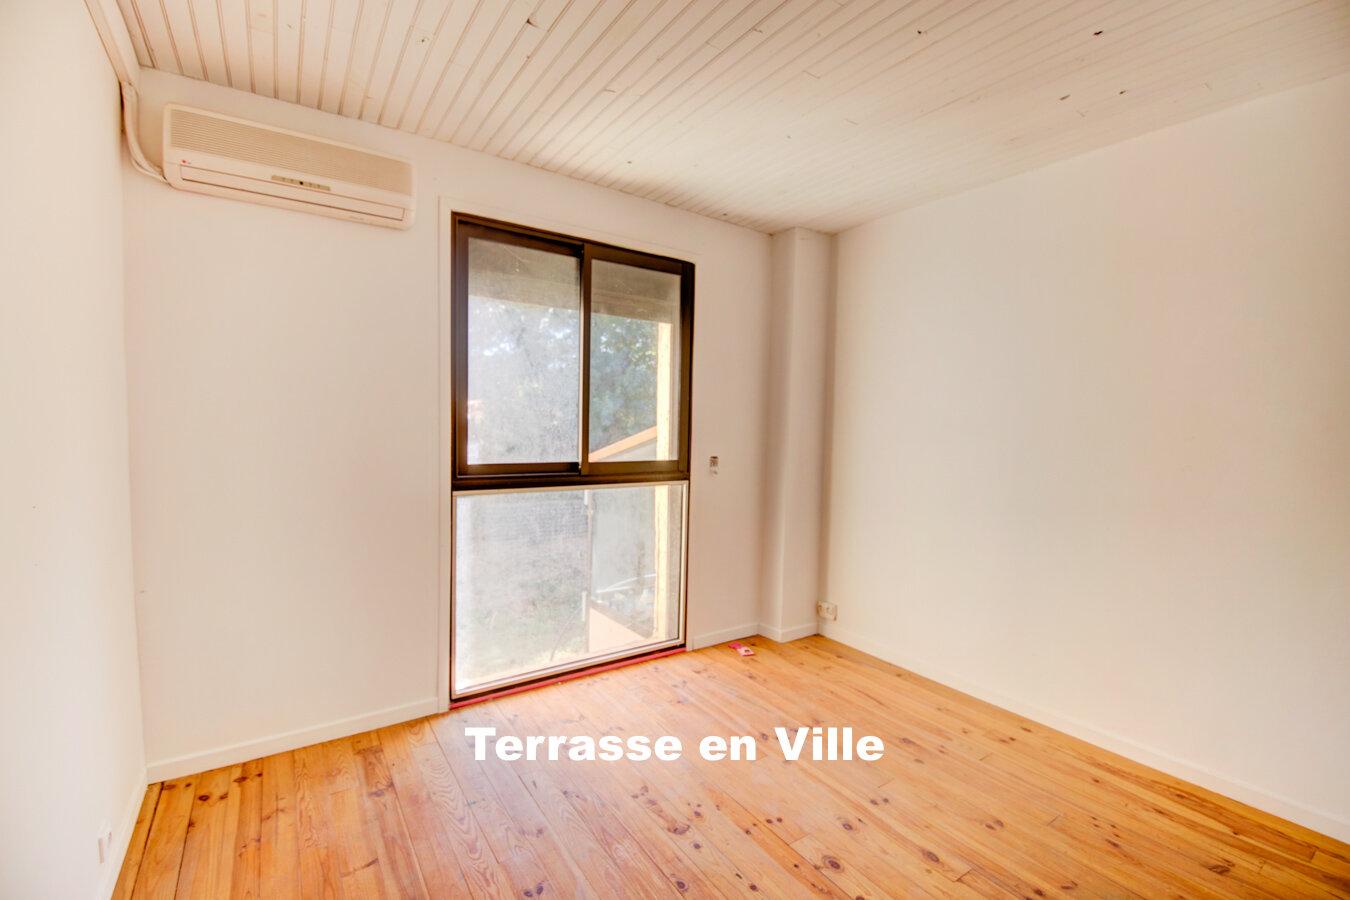 TERRASSE EN VILLE-72.jpg